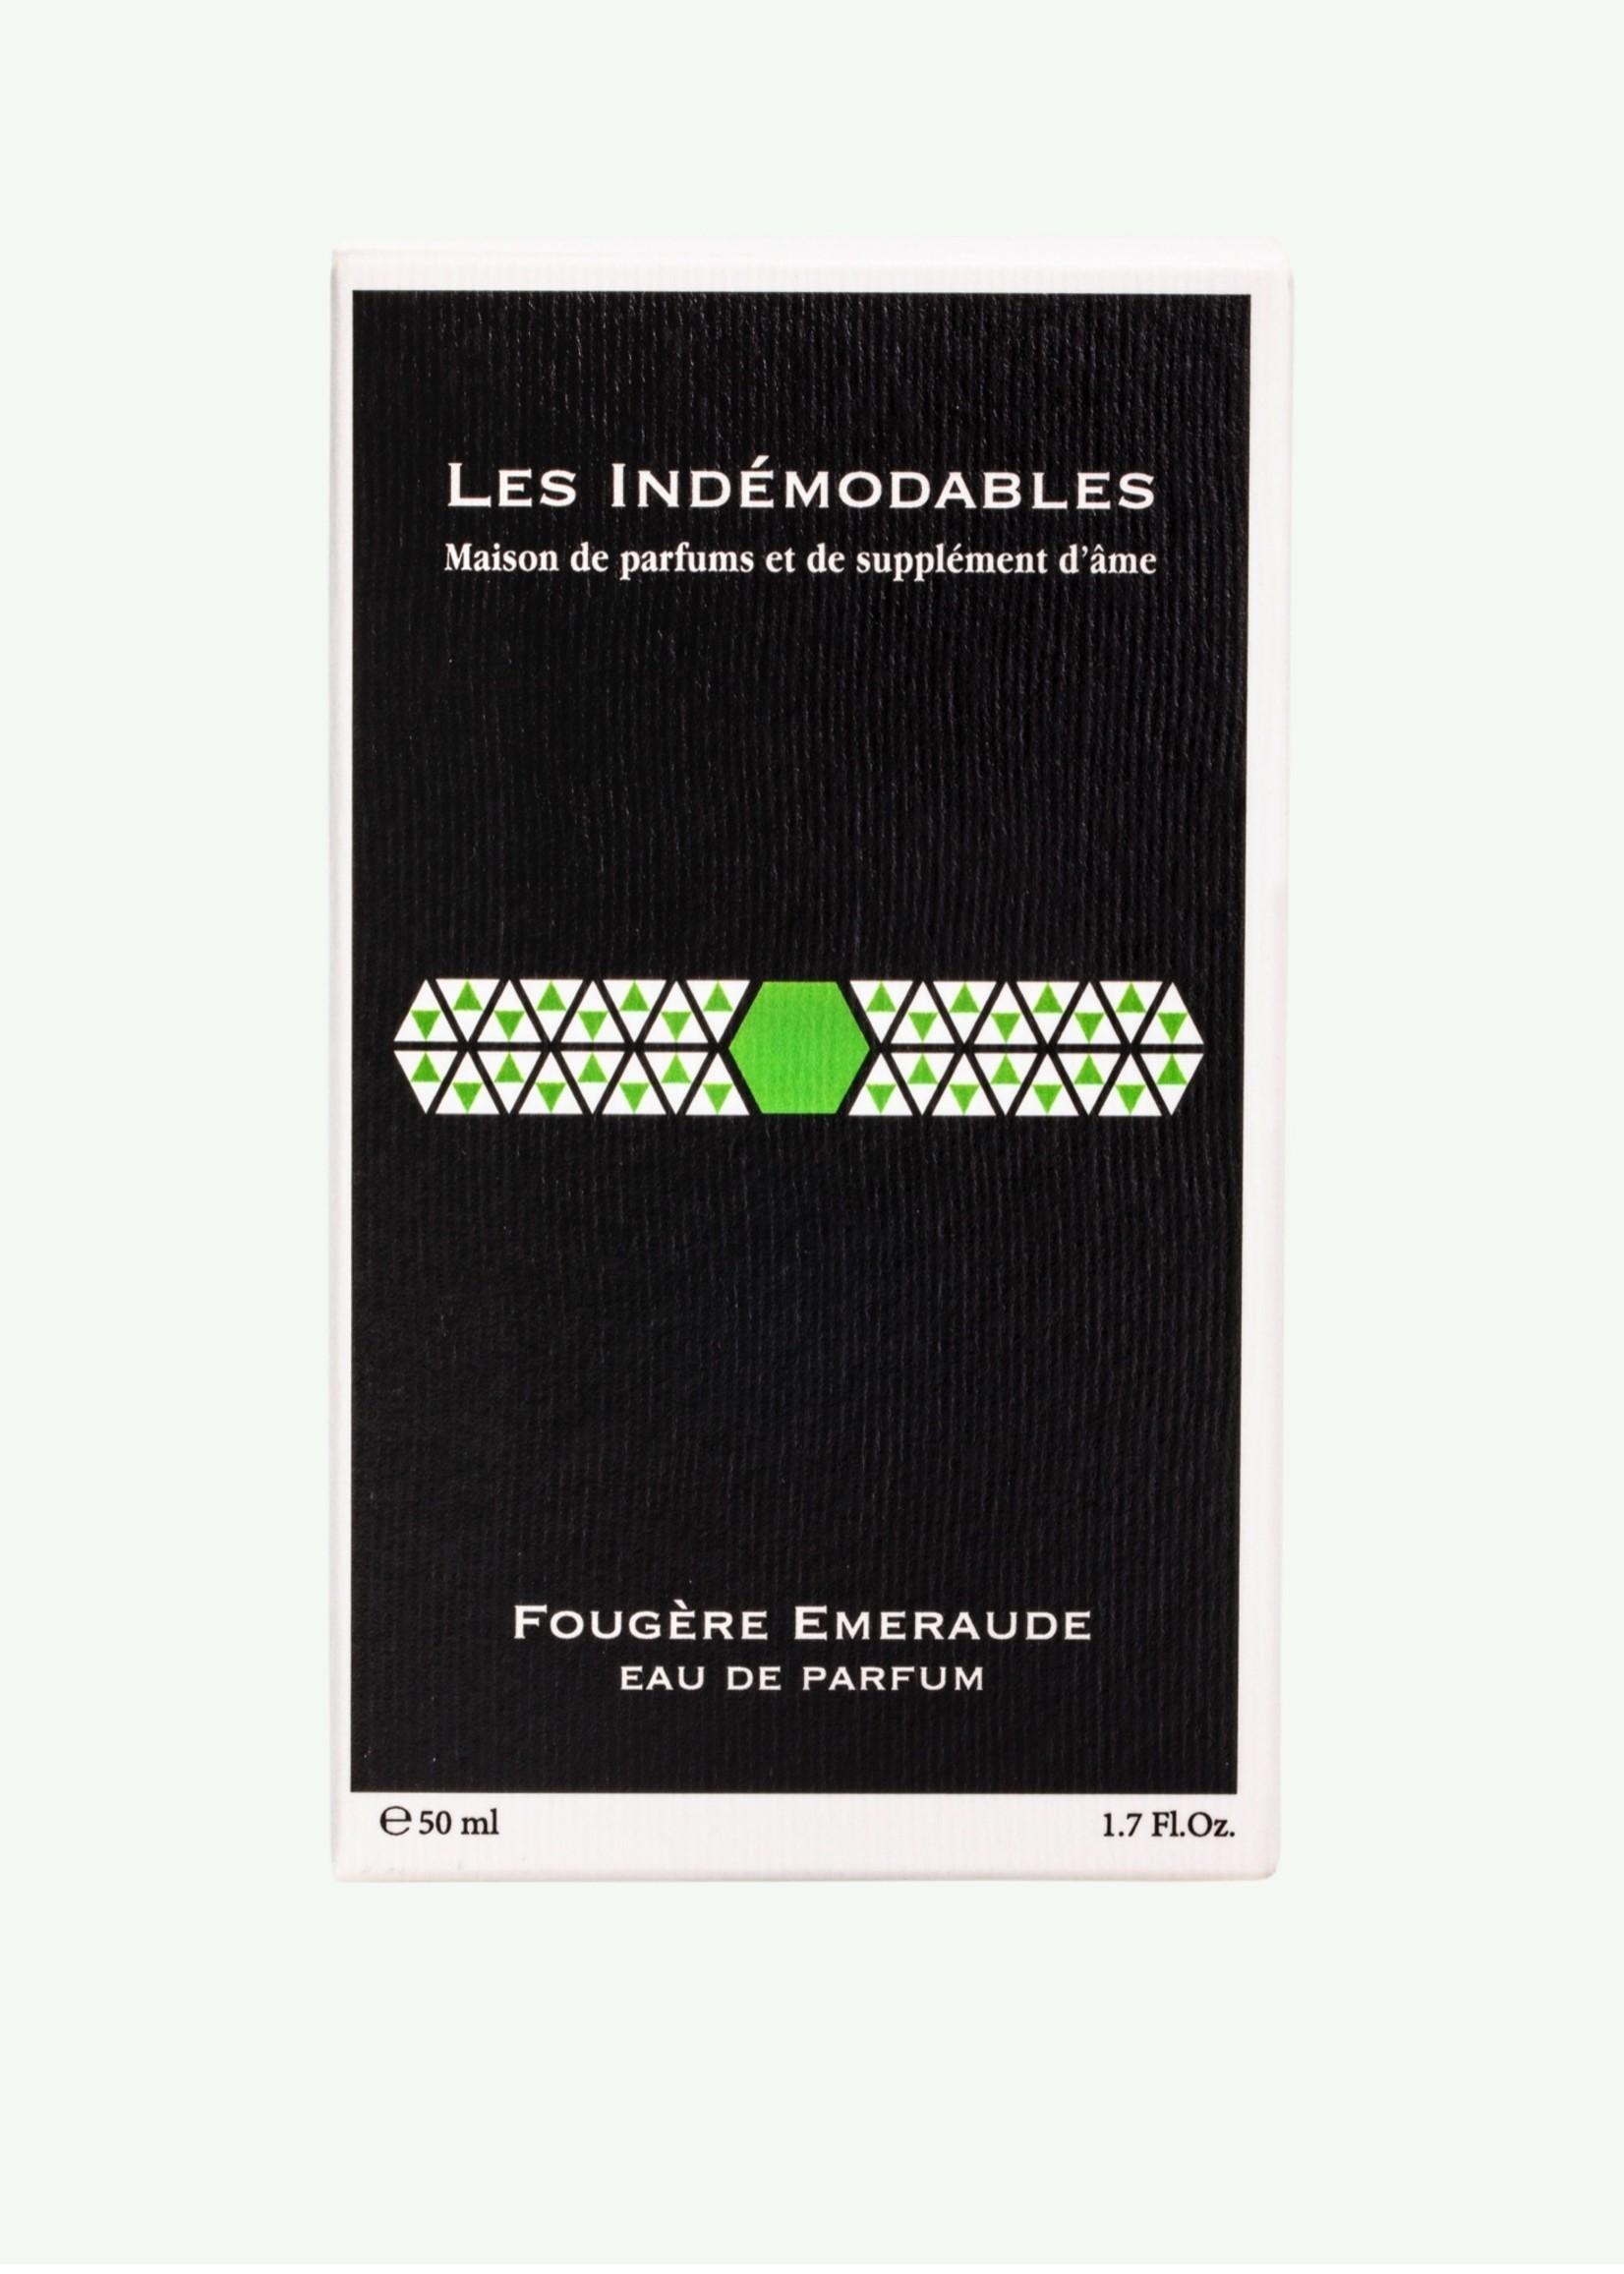 Les Indémodables Les Indémodables - Fougère Emeraude - Eau de Parfum